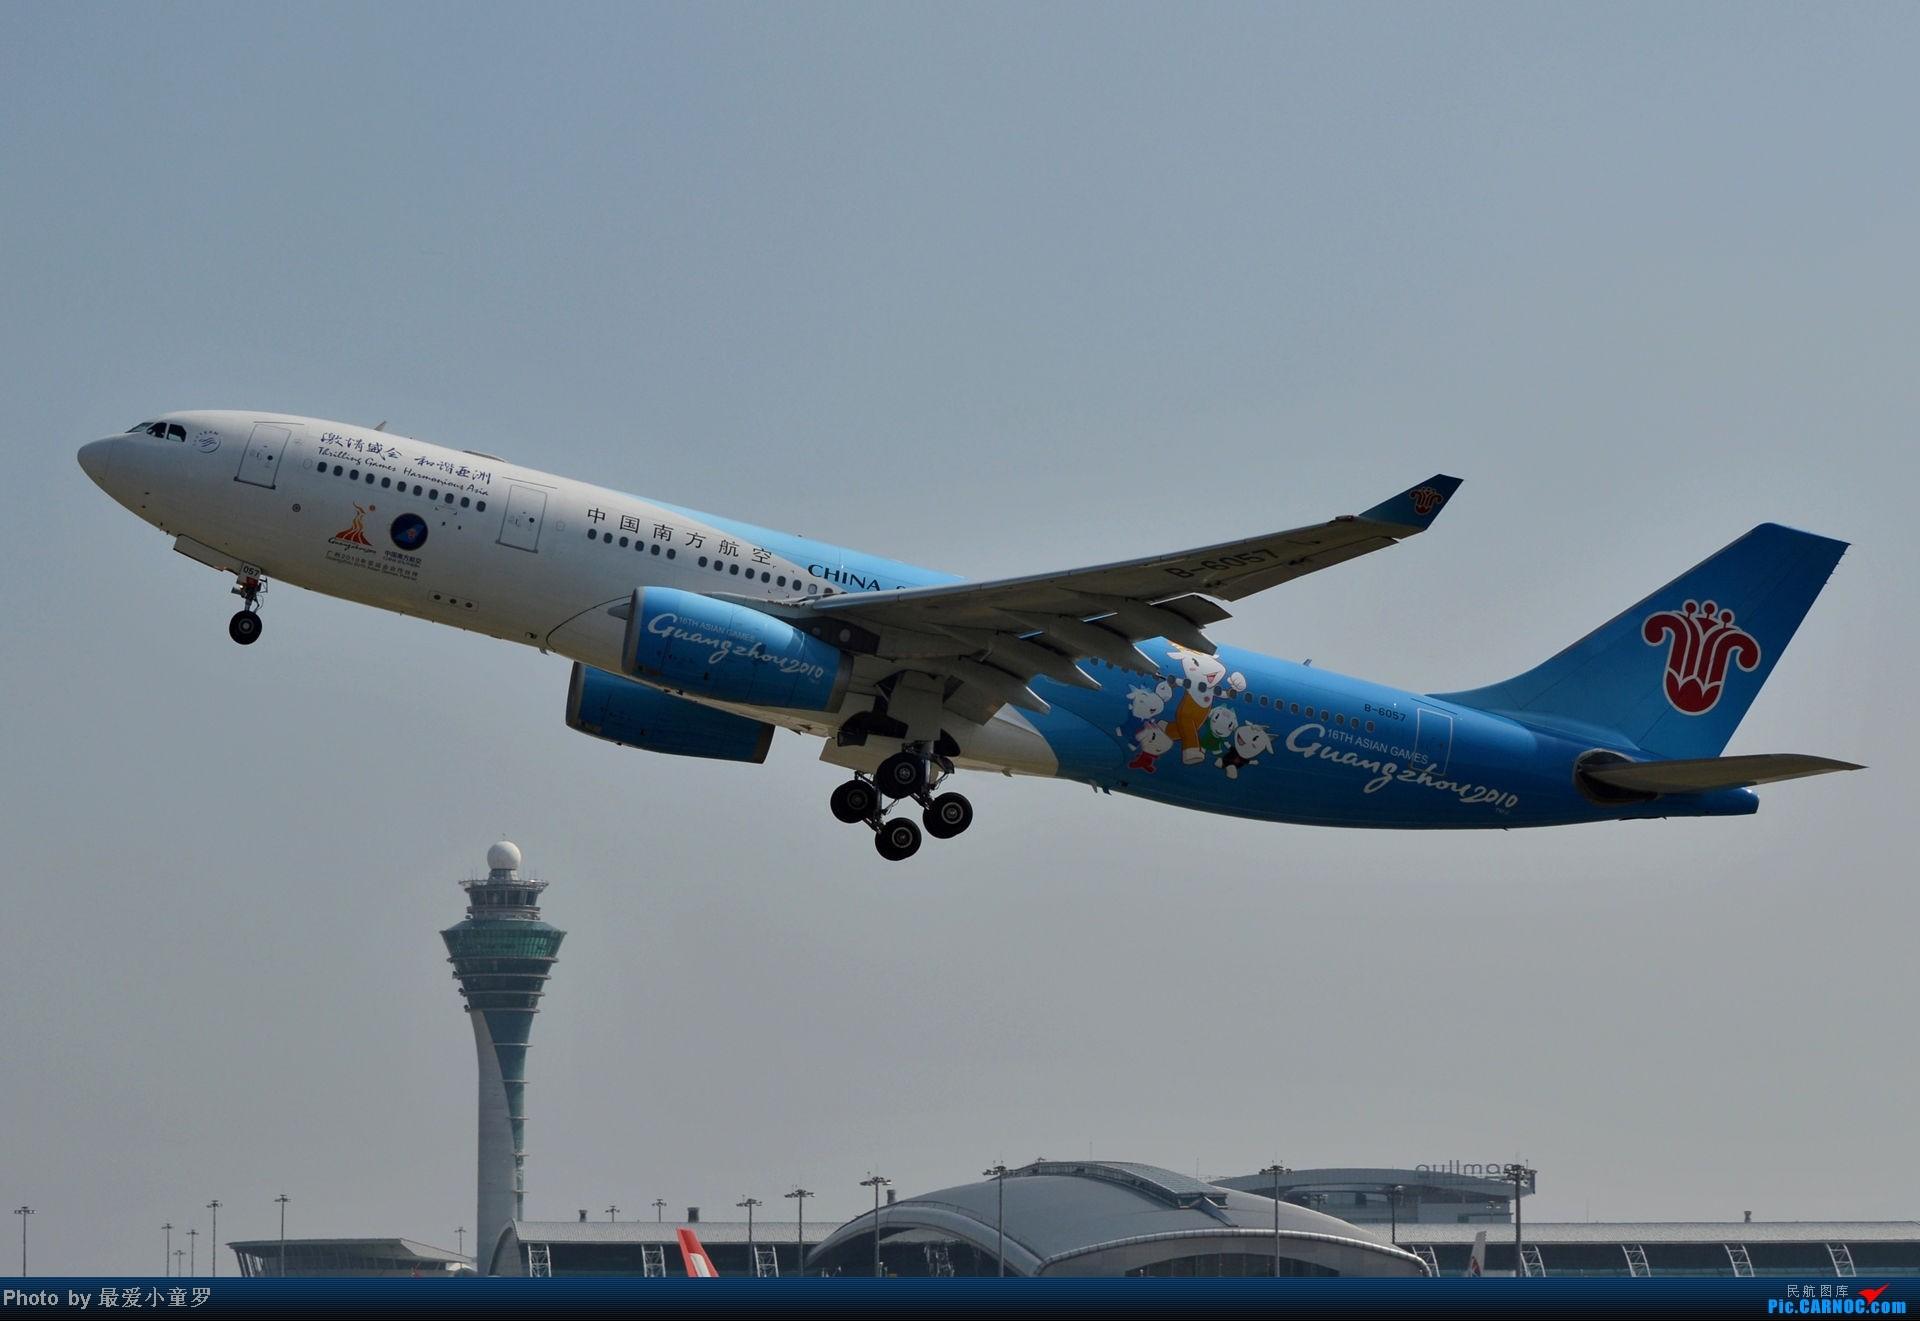 Re:[原创]老图系列,13年11月15日广州白云机场西跑拍机 AIRBUS A330-200 B-6057 中国广州白云机场